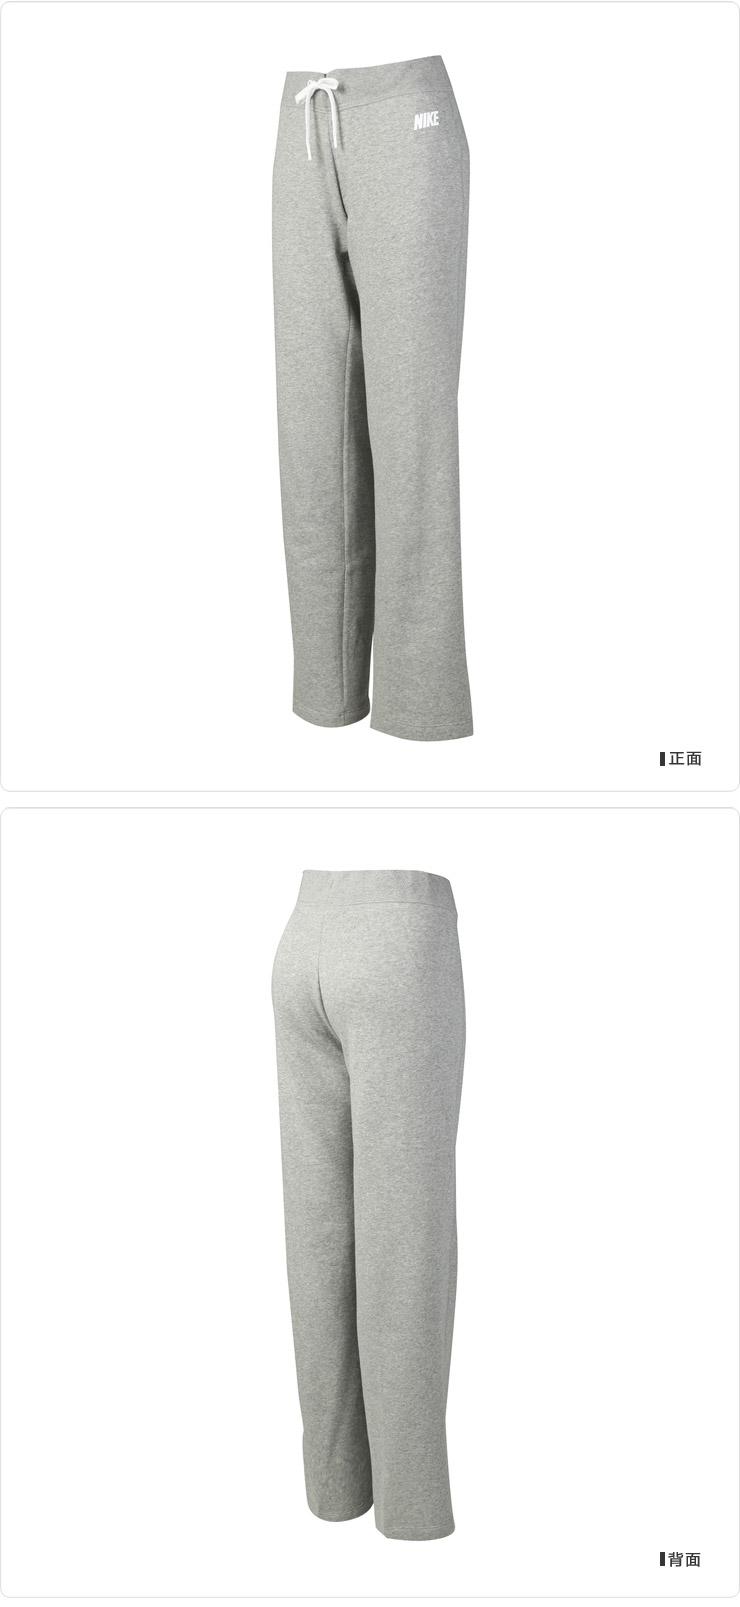 耐克nike女裤运动长裤2013新款运动裤名鞋库时尚大气545799